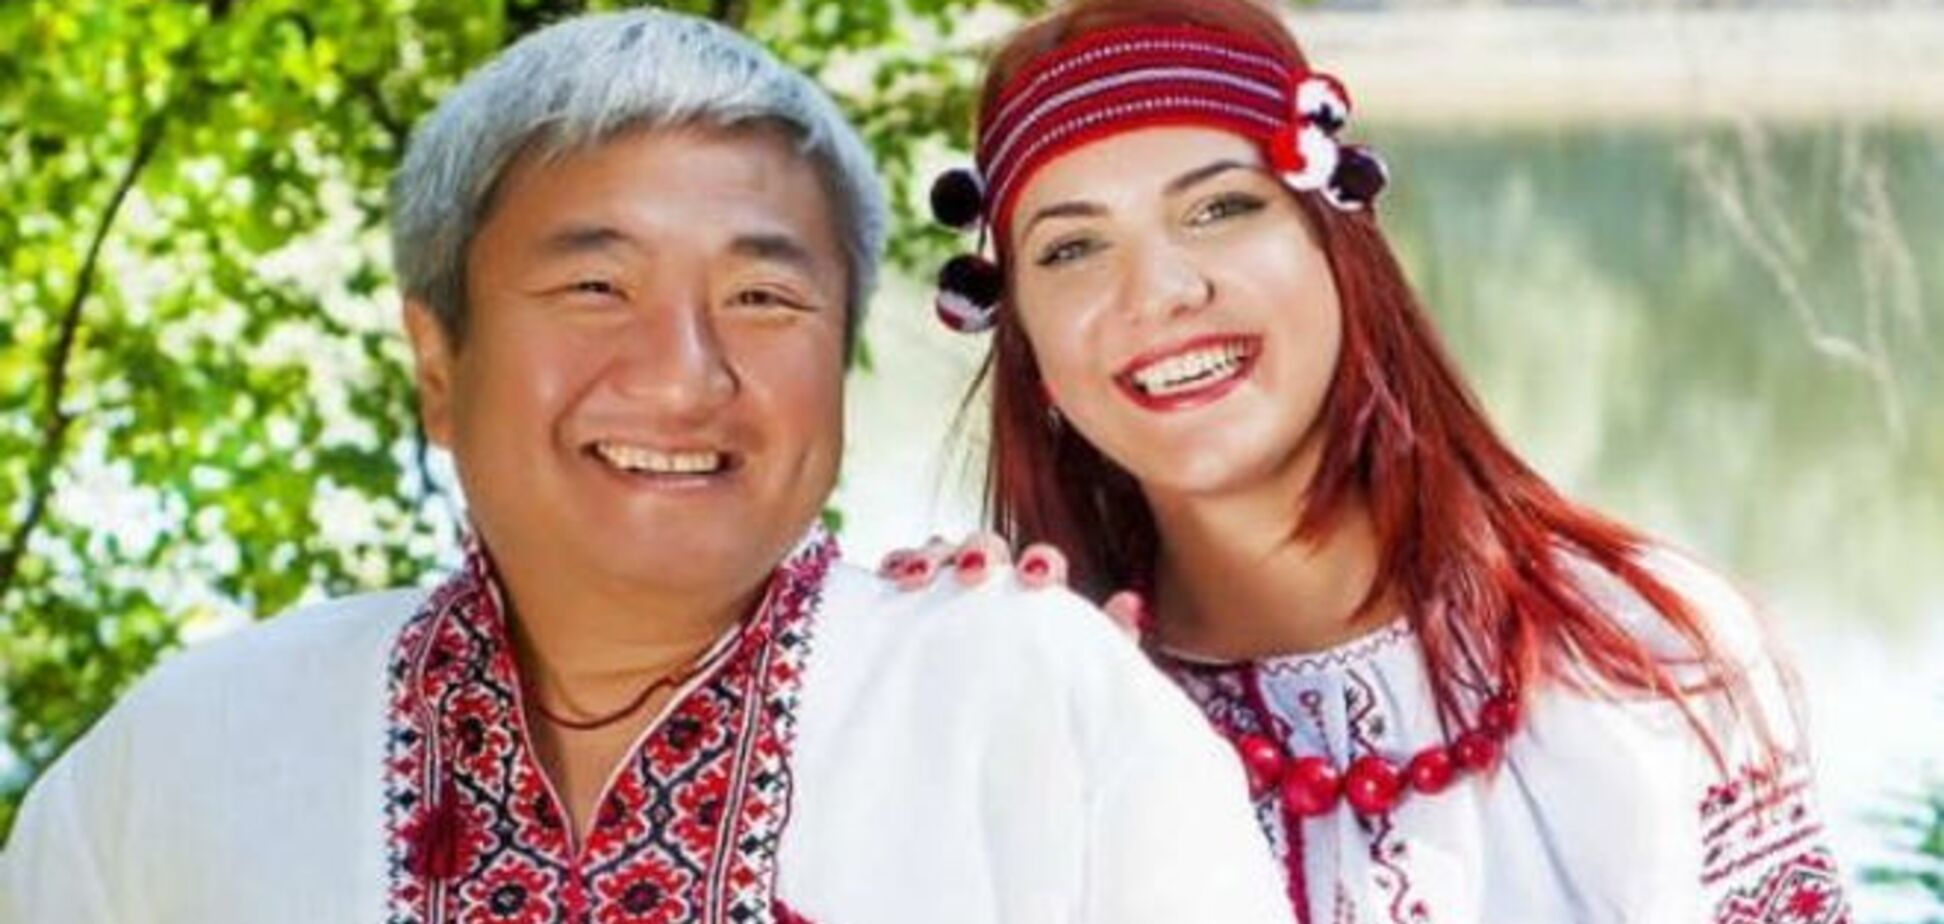 53-летний мэр Запорожья живет в роскошном особняке 19-летней любовницы